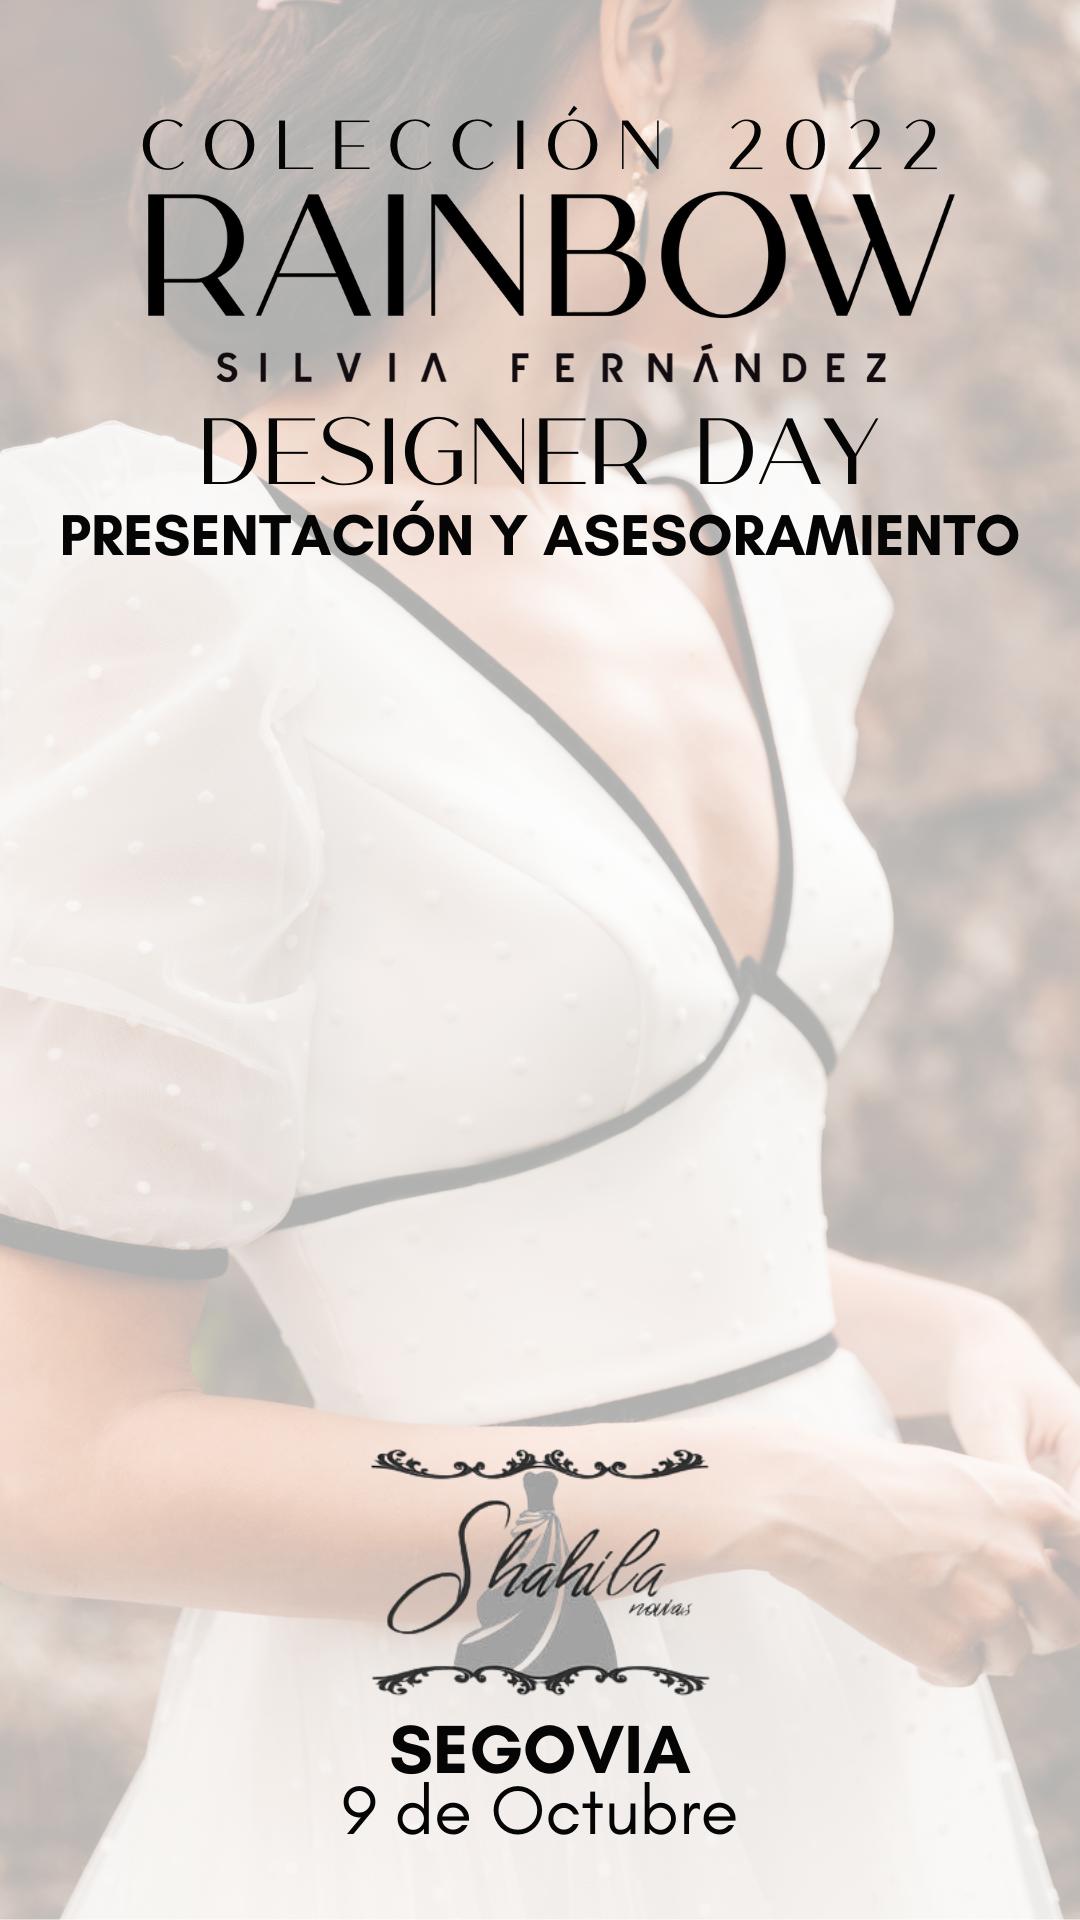 Evento Rainbow Sahila novias - Silvia Fernandez